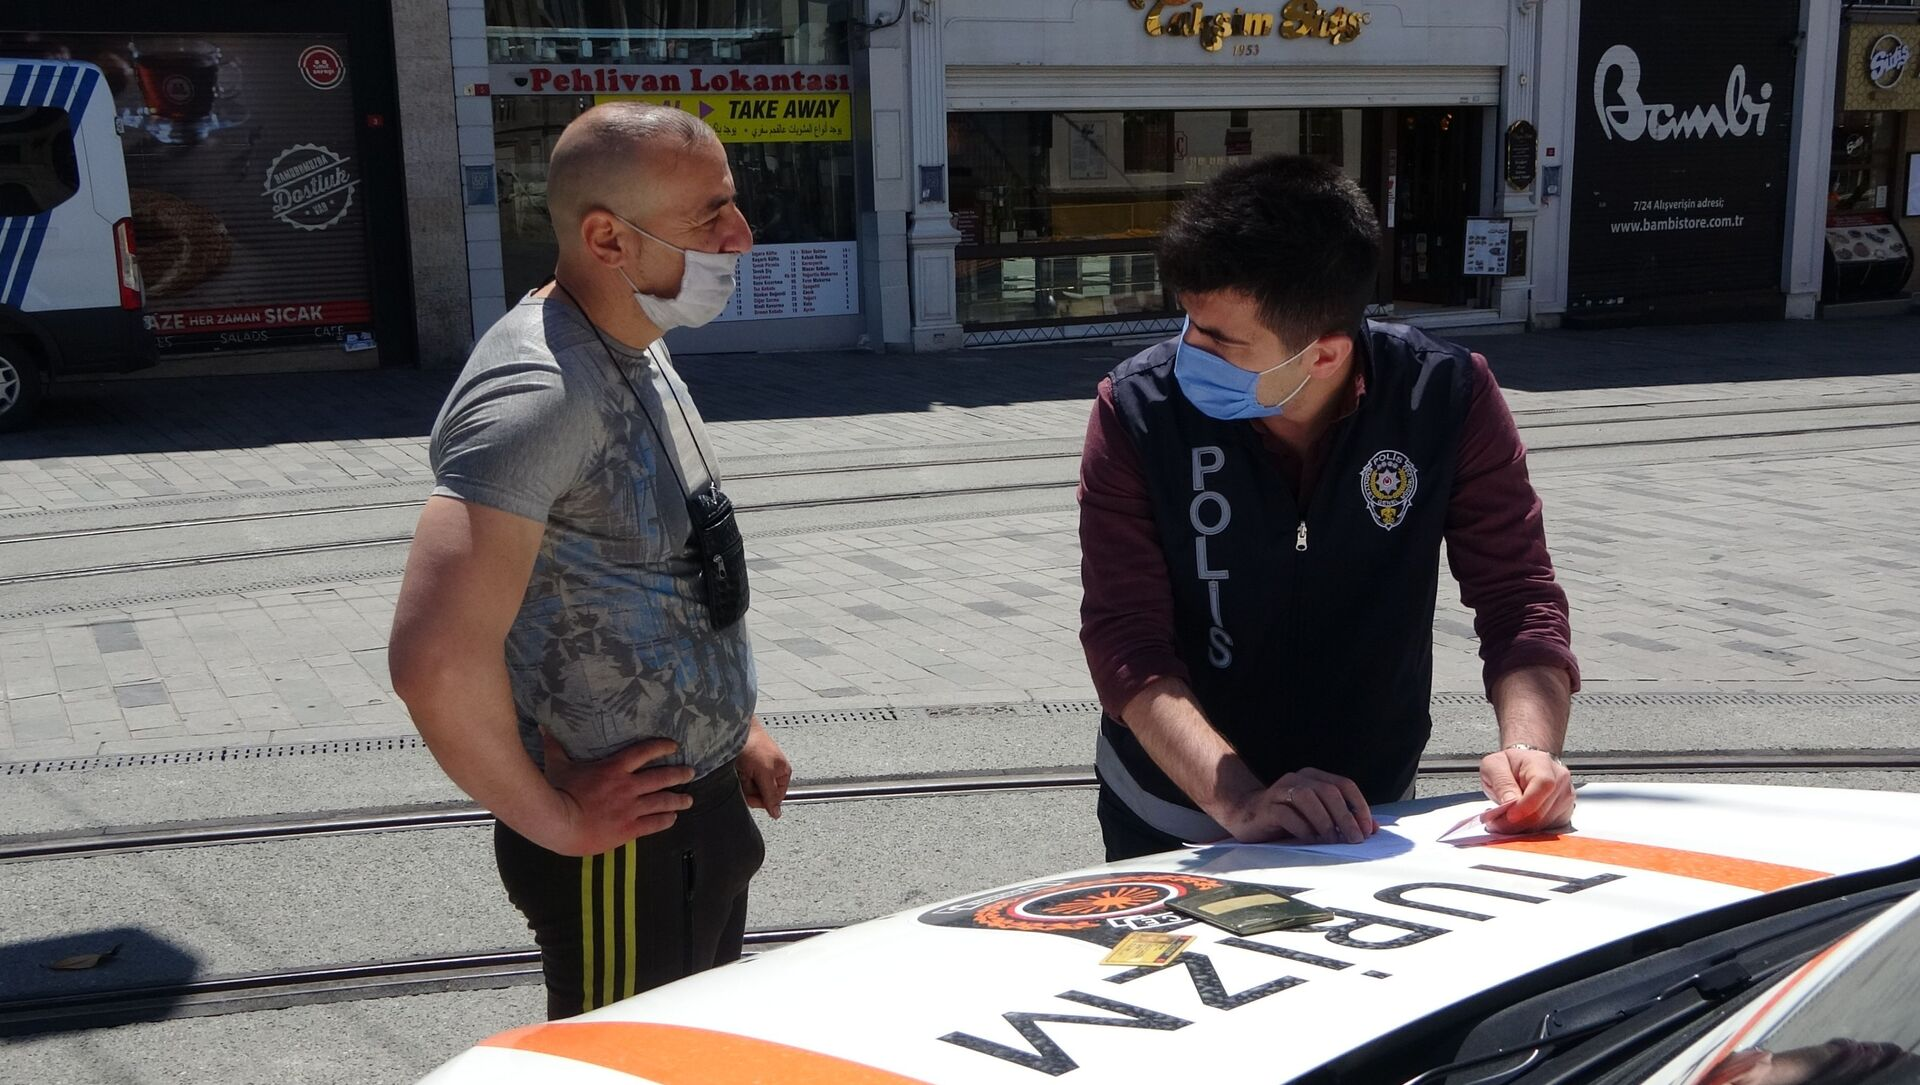 Taksim'de turistlere yönelik denetim: Oturma izni olanlara cezai işlem uygulandı - Sputnik Türkiye, 1920, 09.05.2021